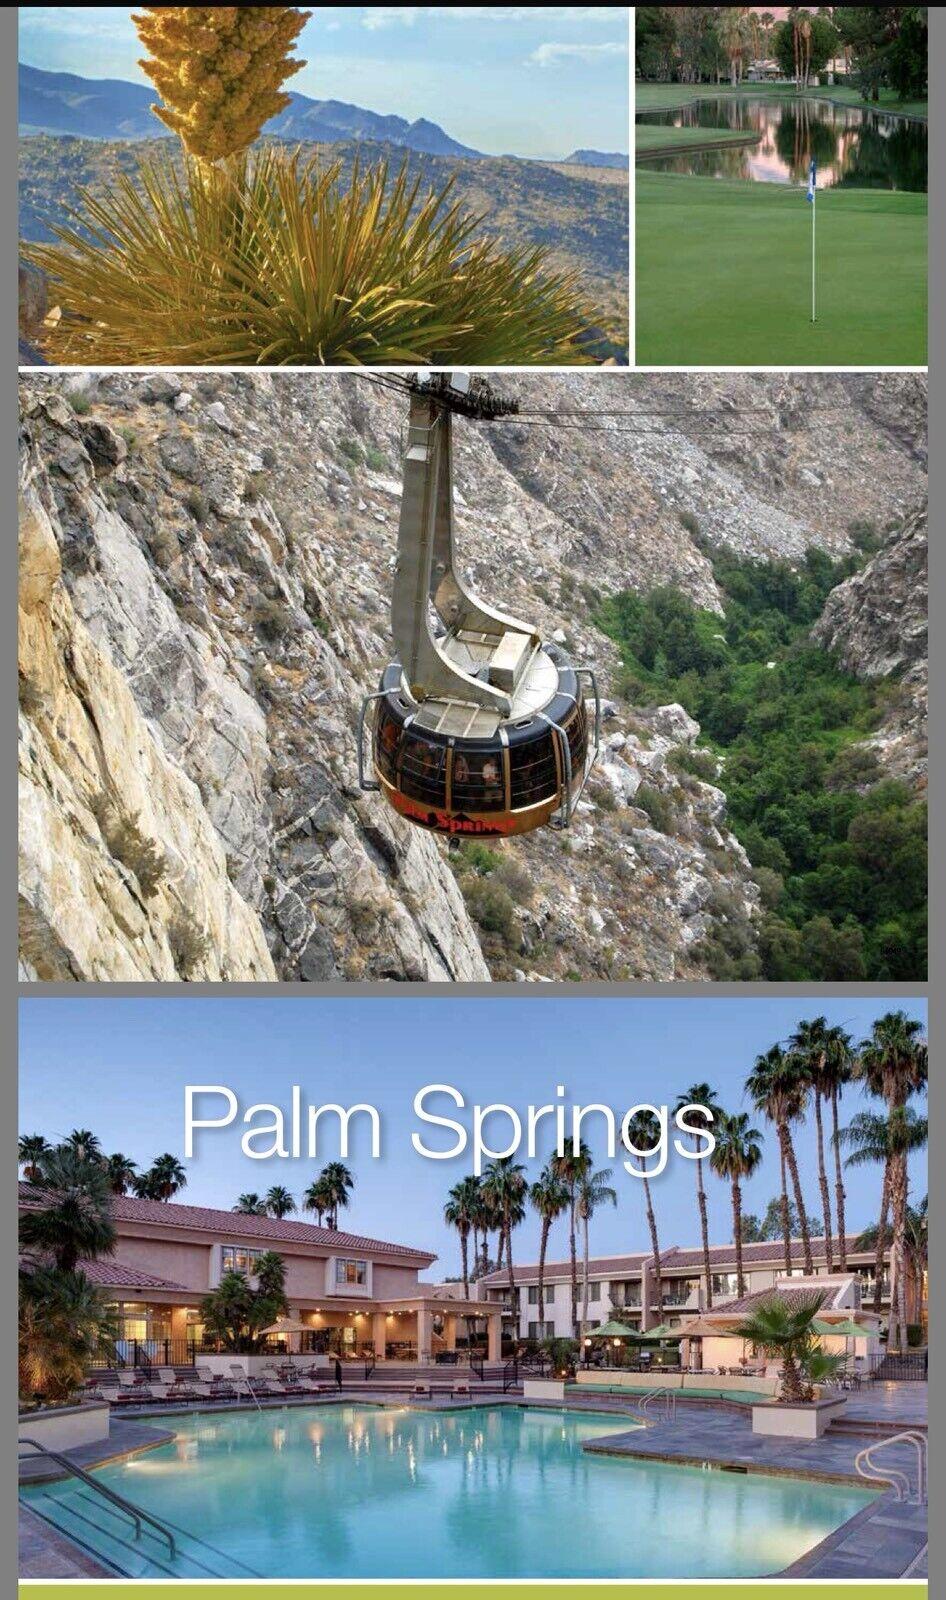 Desert Oasis Palm Springs 40 Nights Lawrence Welk Resort